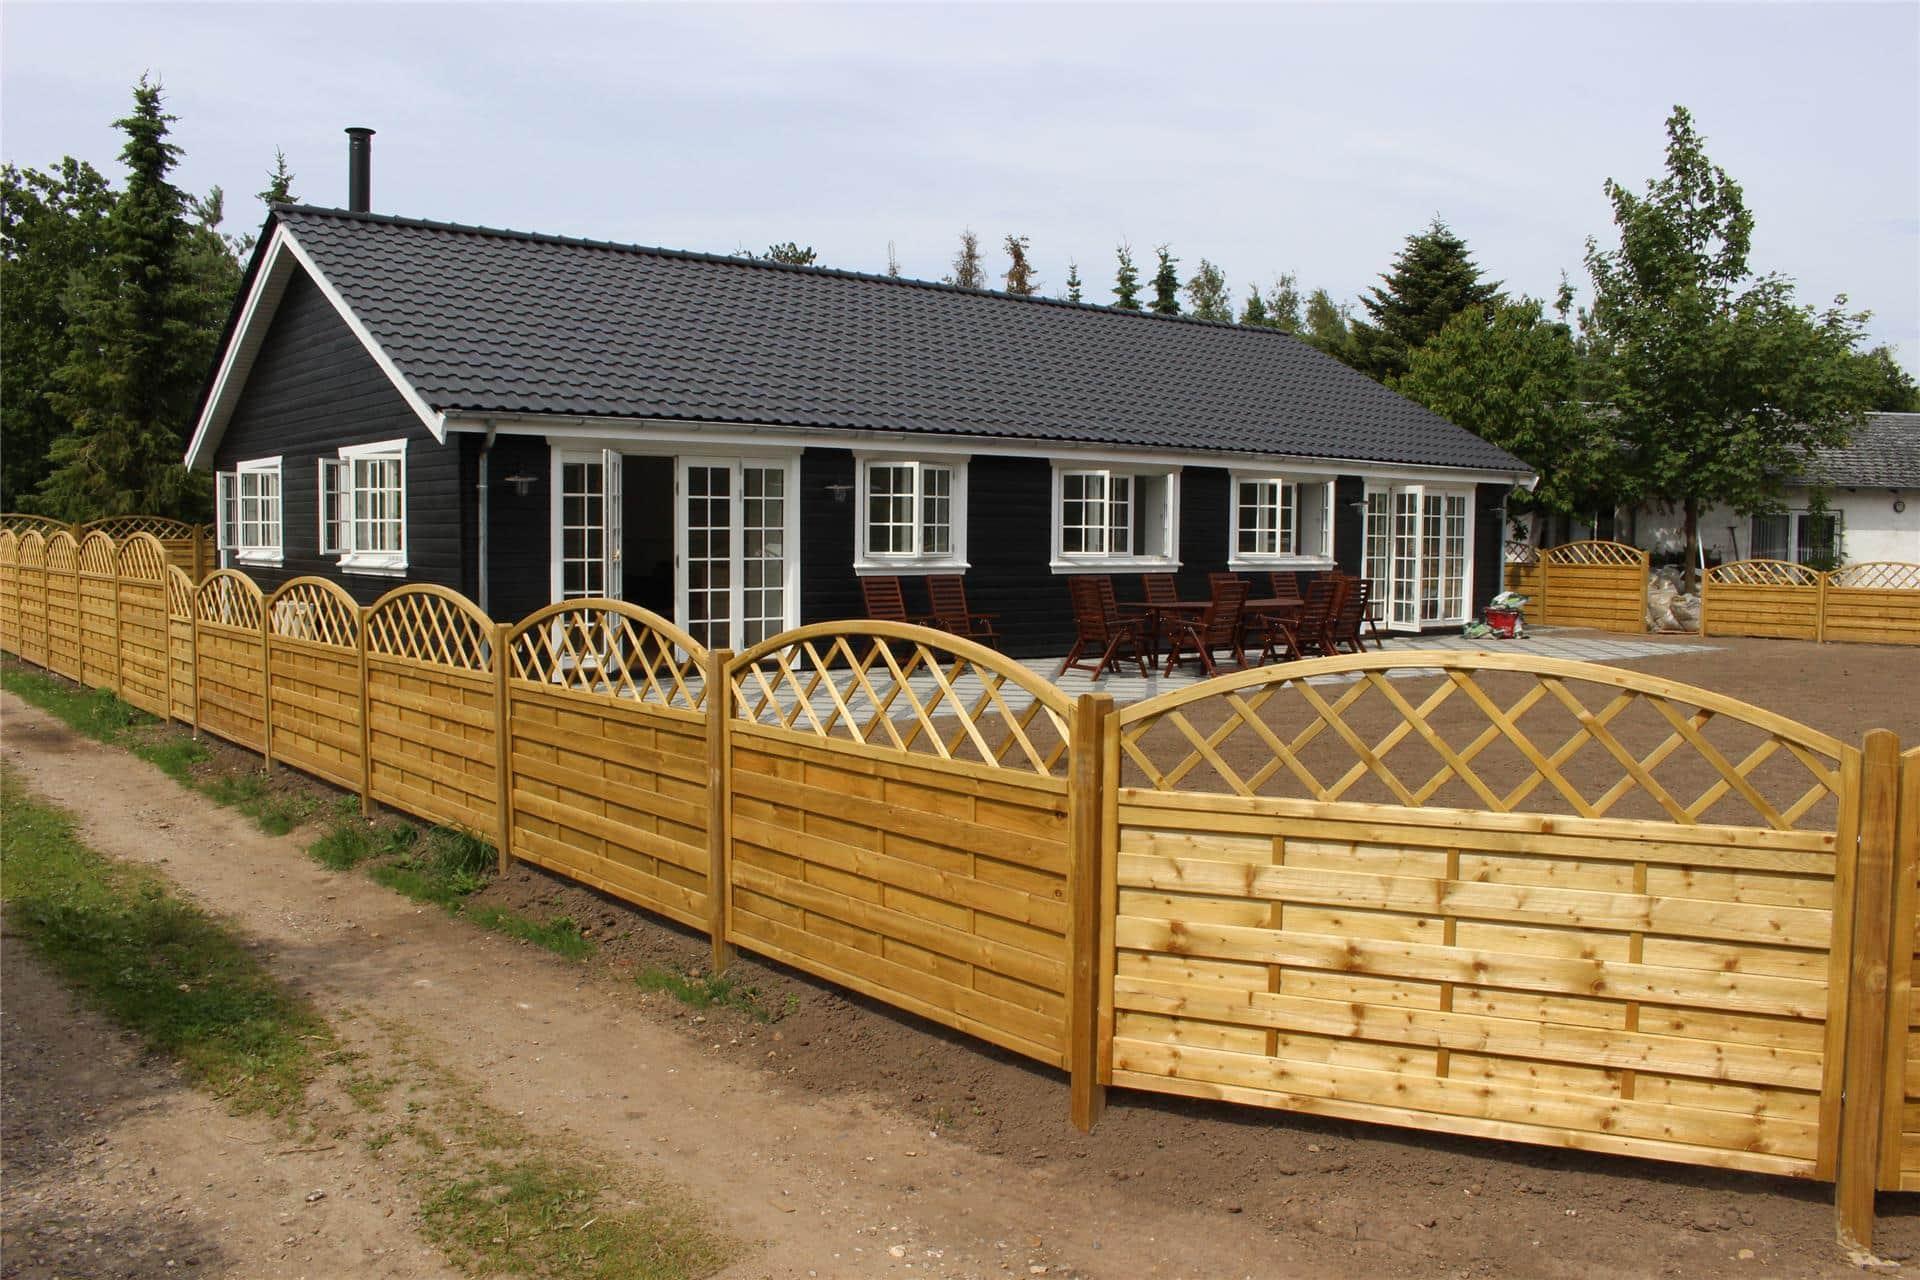 Billede 1-17 Sommerhus 13369, Gudmindrup Strandvej 88, DK - 4573 Højby